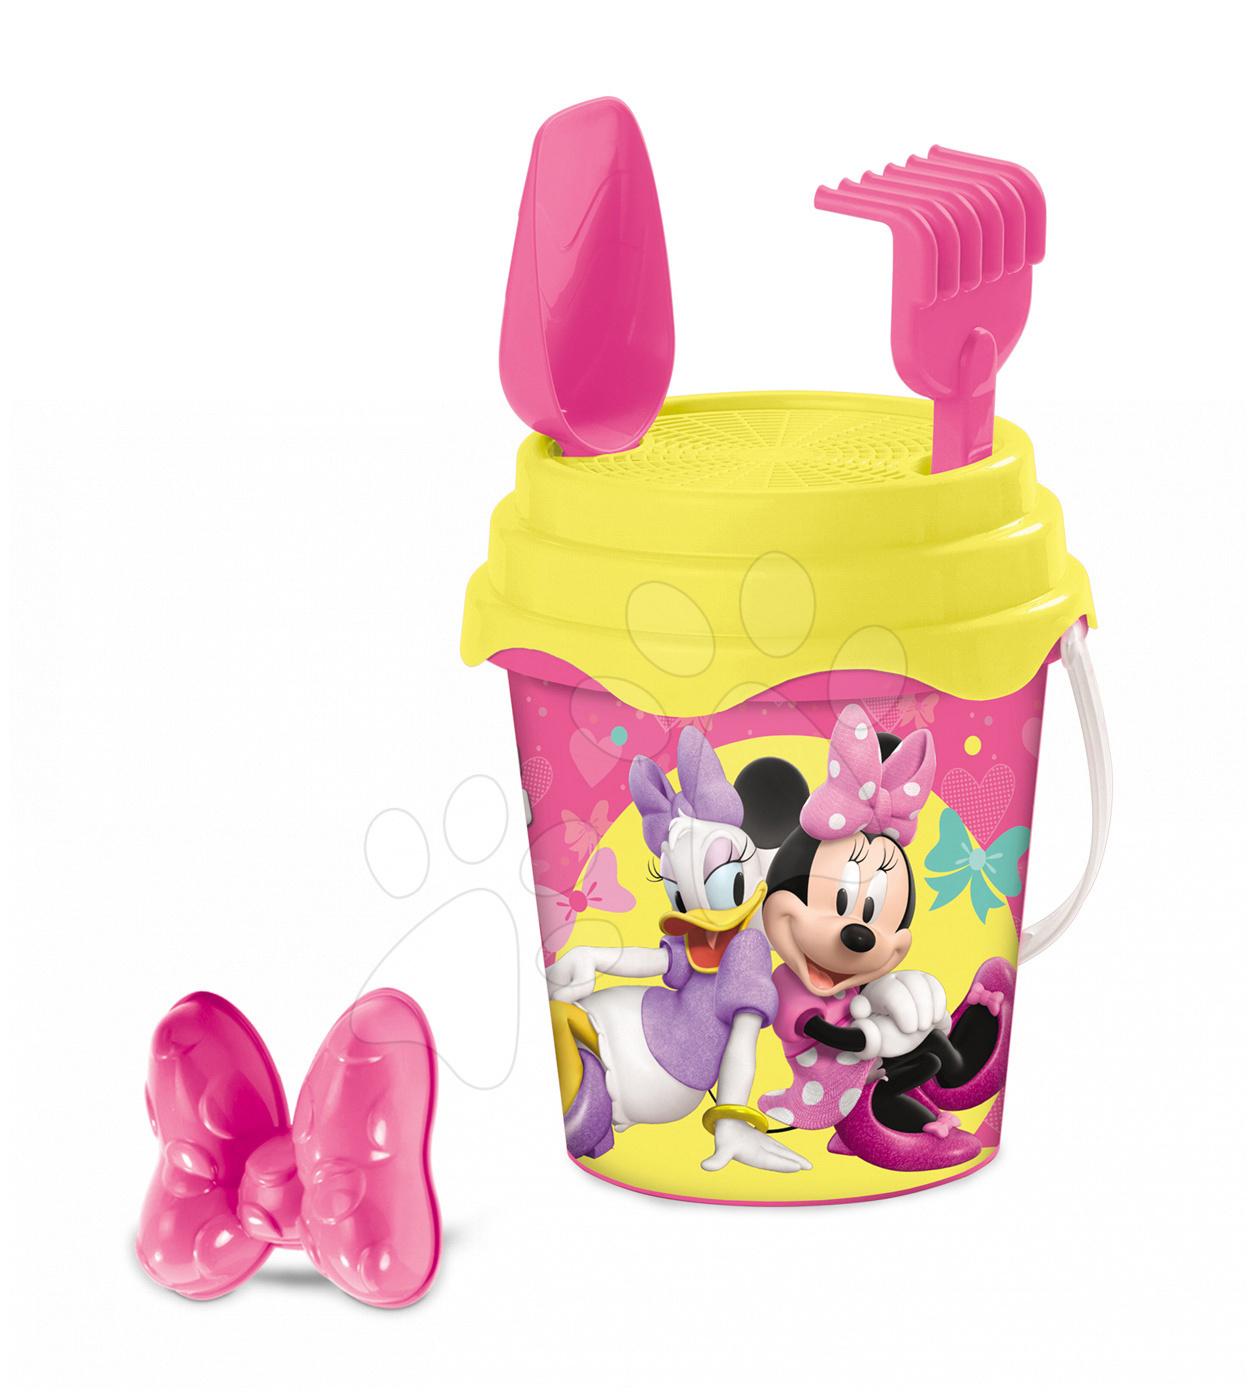 Kbelík set Minnie Mouse Mondo 4 díly (výška 17 cm) od 18 měsíců